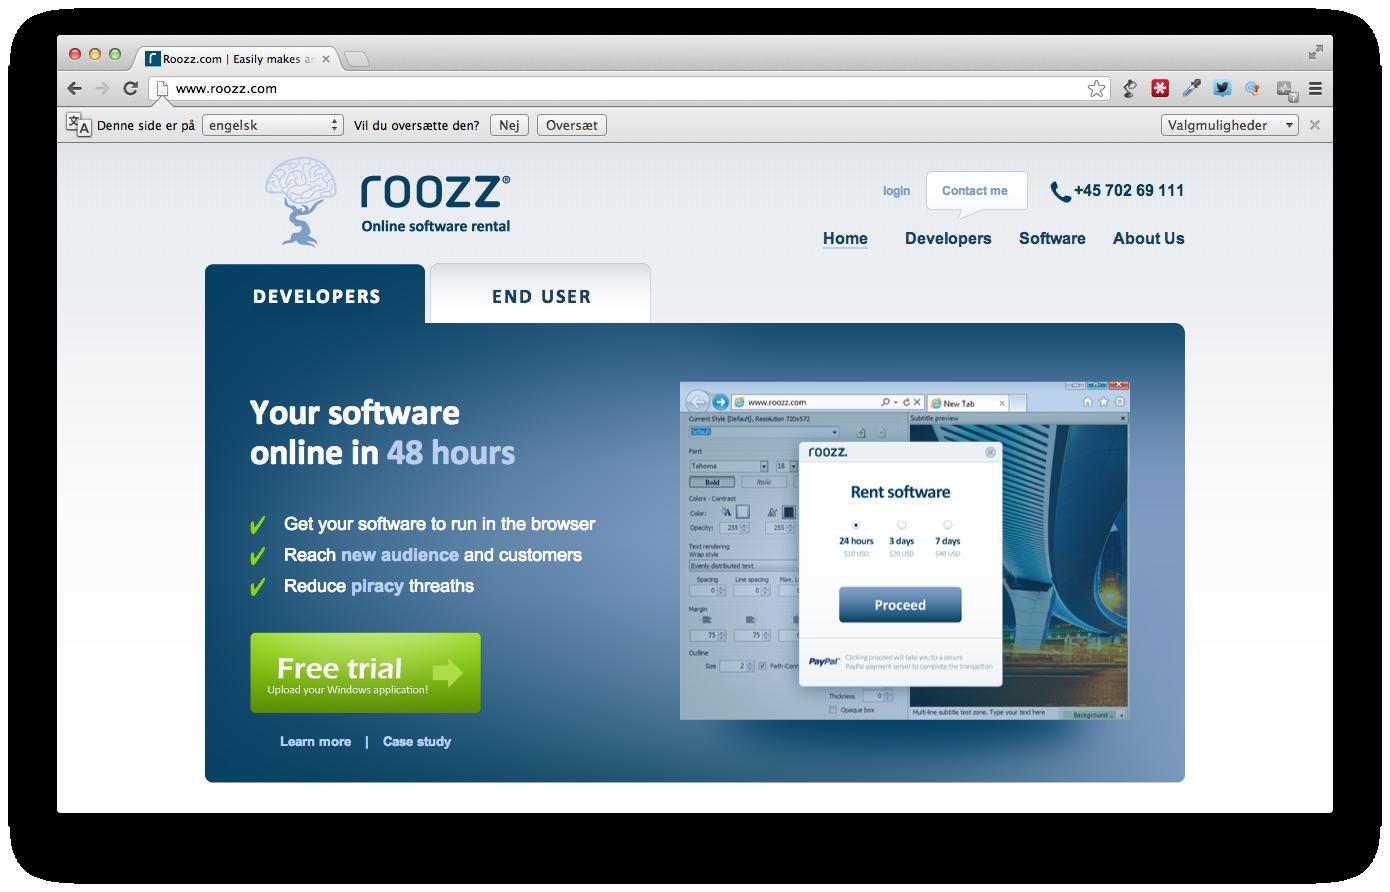 Accelerace investerer i Roozz, der lader software køre direkte i browseren